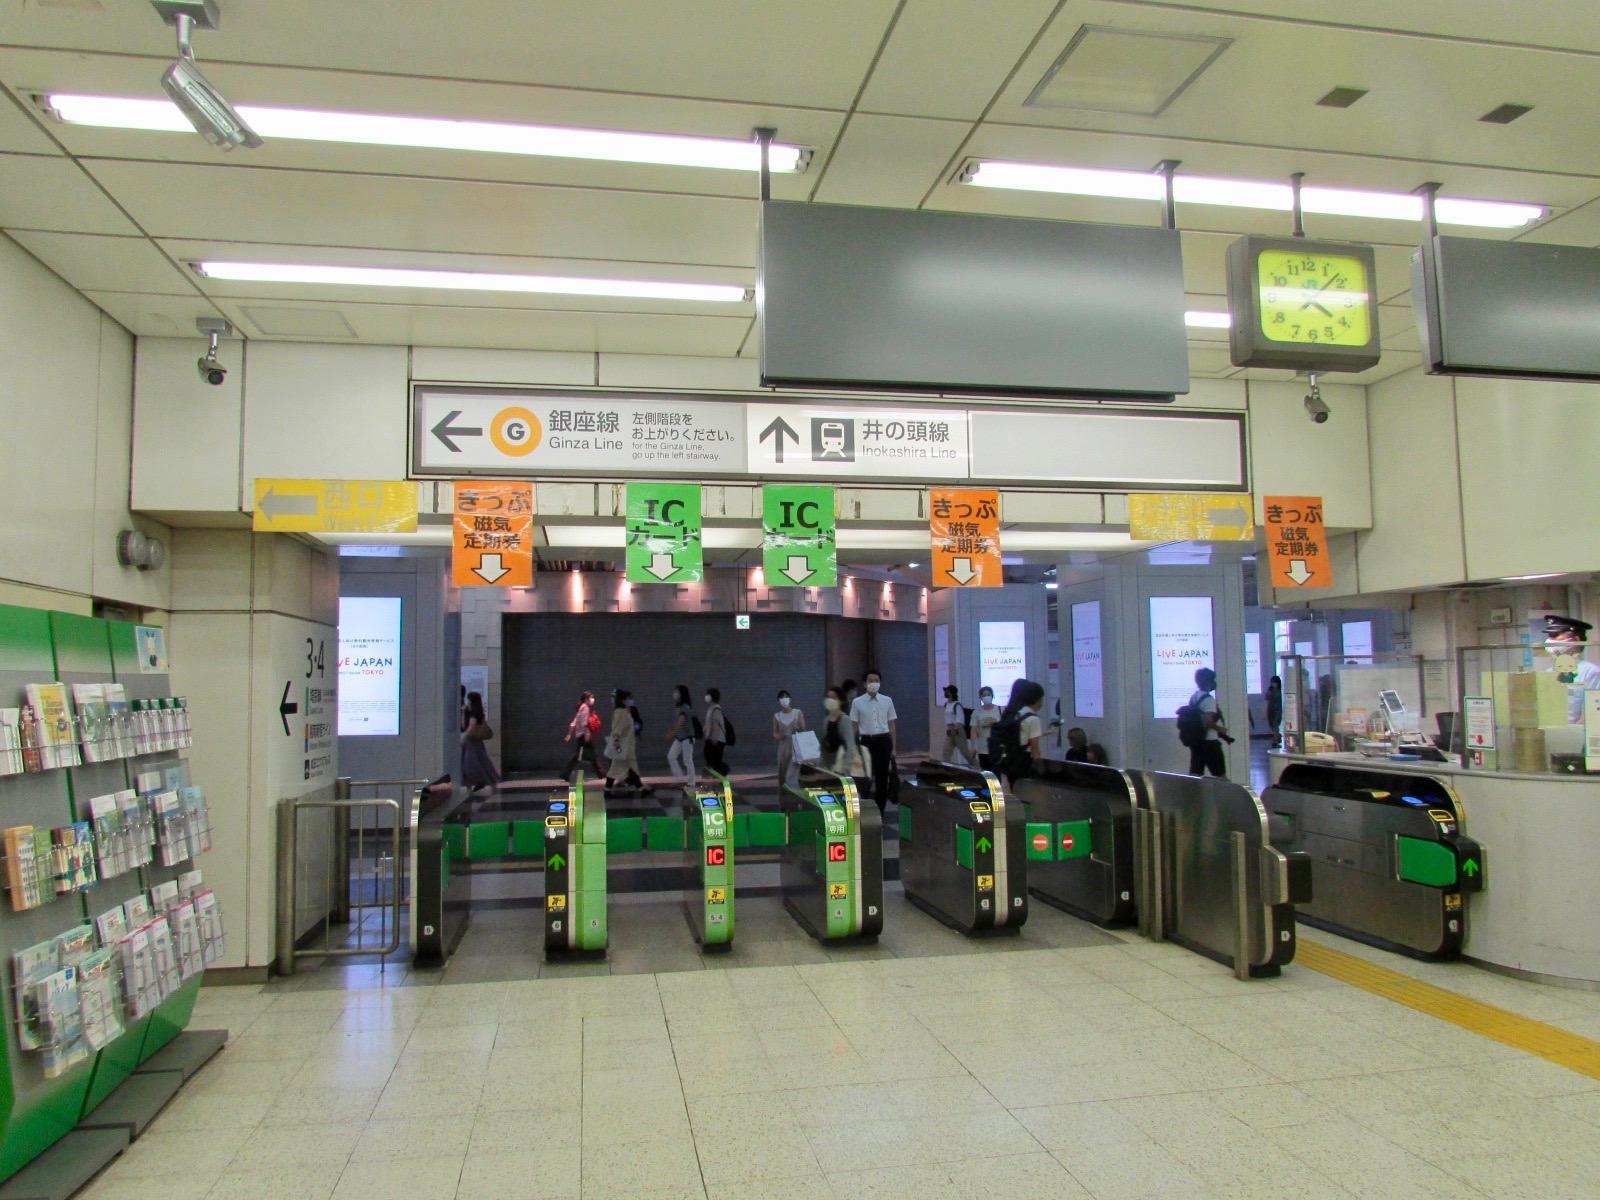 f:id:hiro-jp:20200905161221j:plain